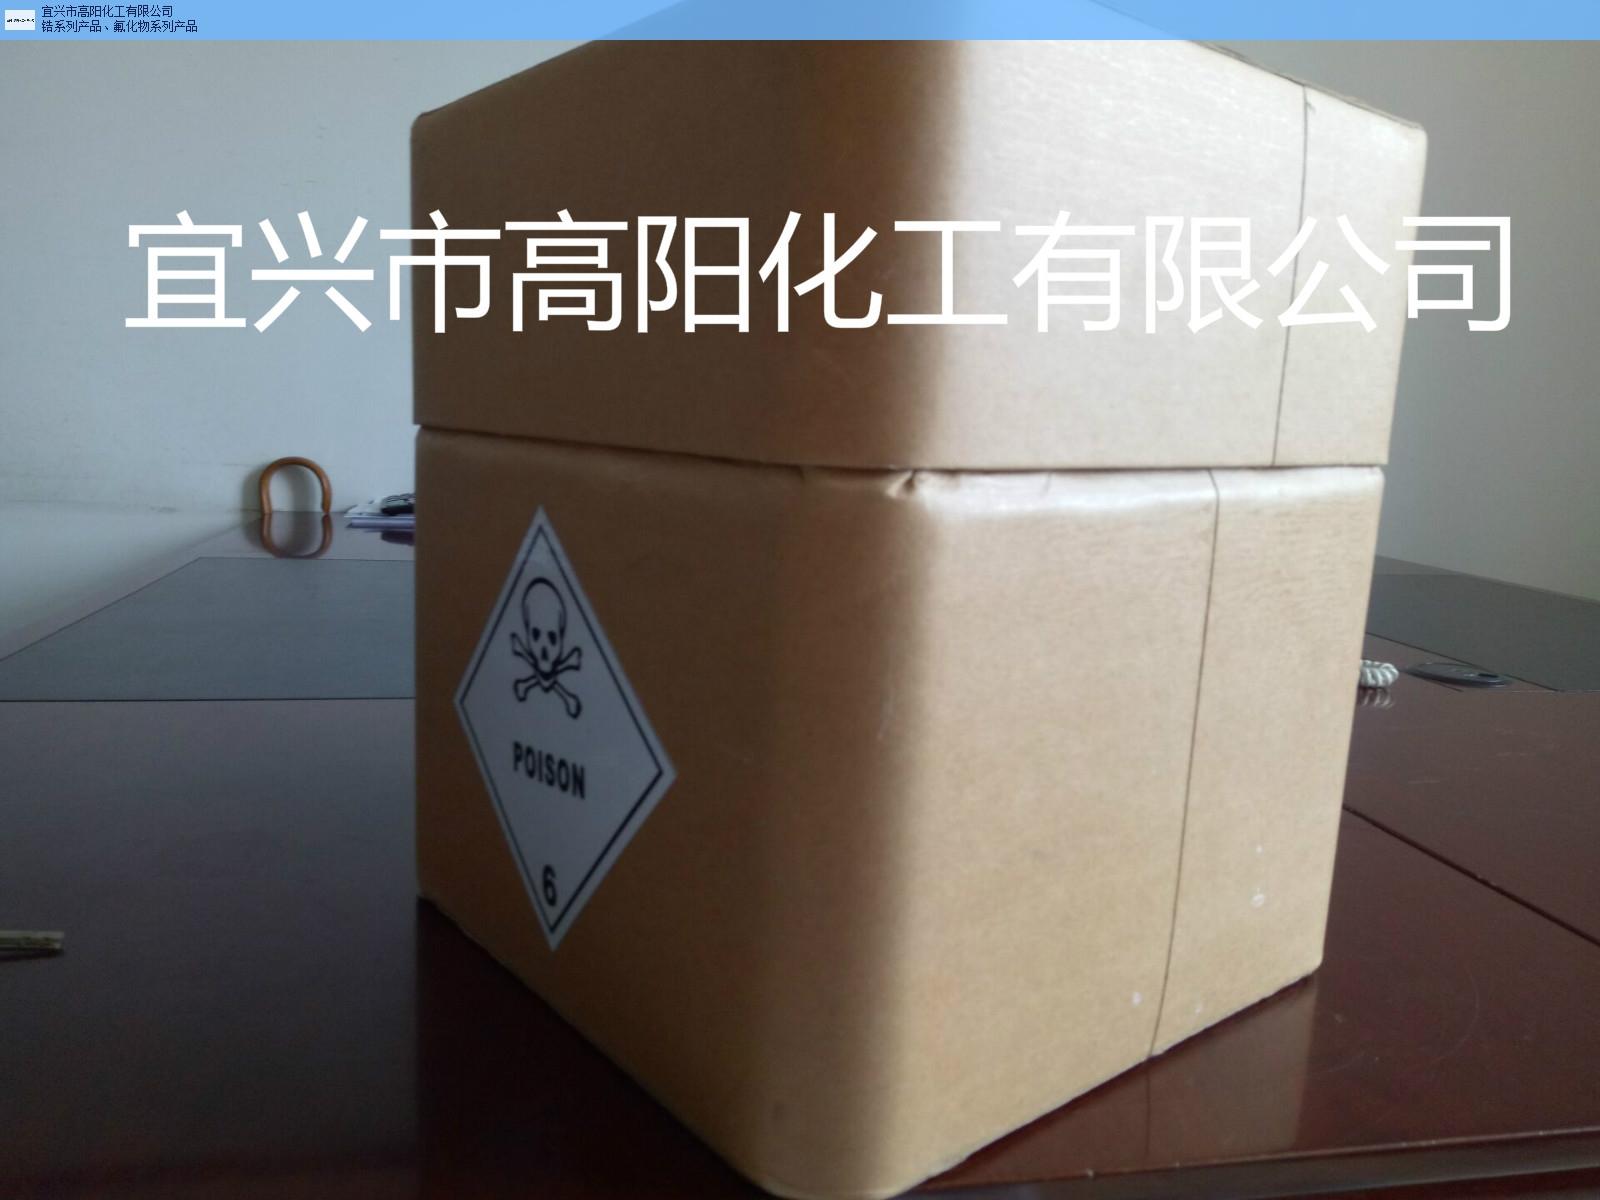 北京推荐氟钛酸钾销售厂家 推荐咨询 宜兴市高阳化工供应